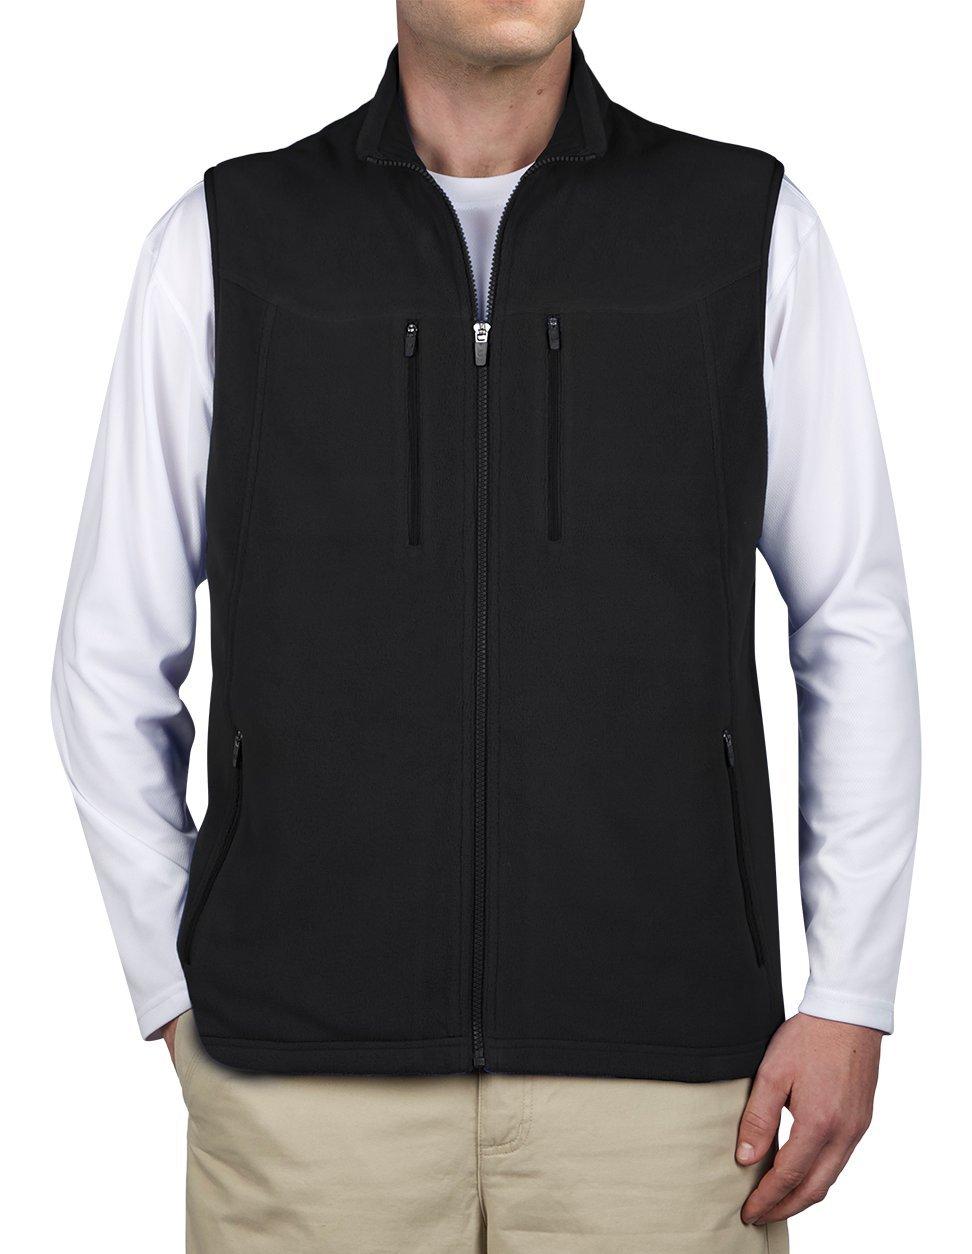 SCOTTeVEST Fireside Vest for Men - 15 Pockets - BLK L